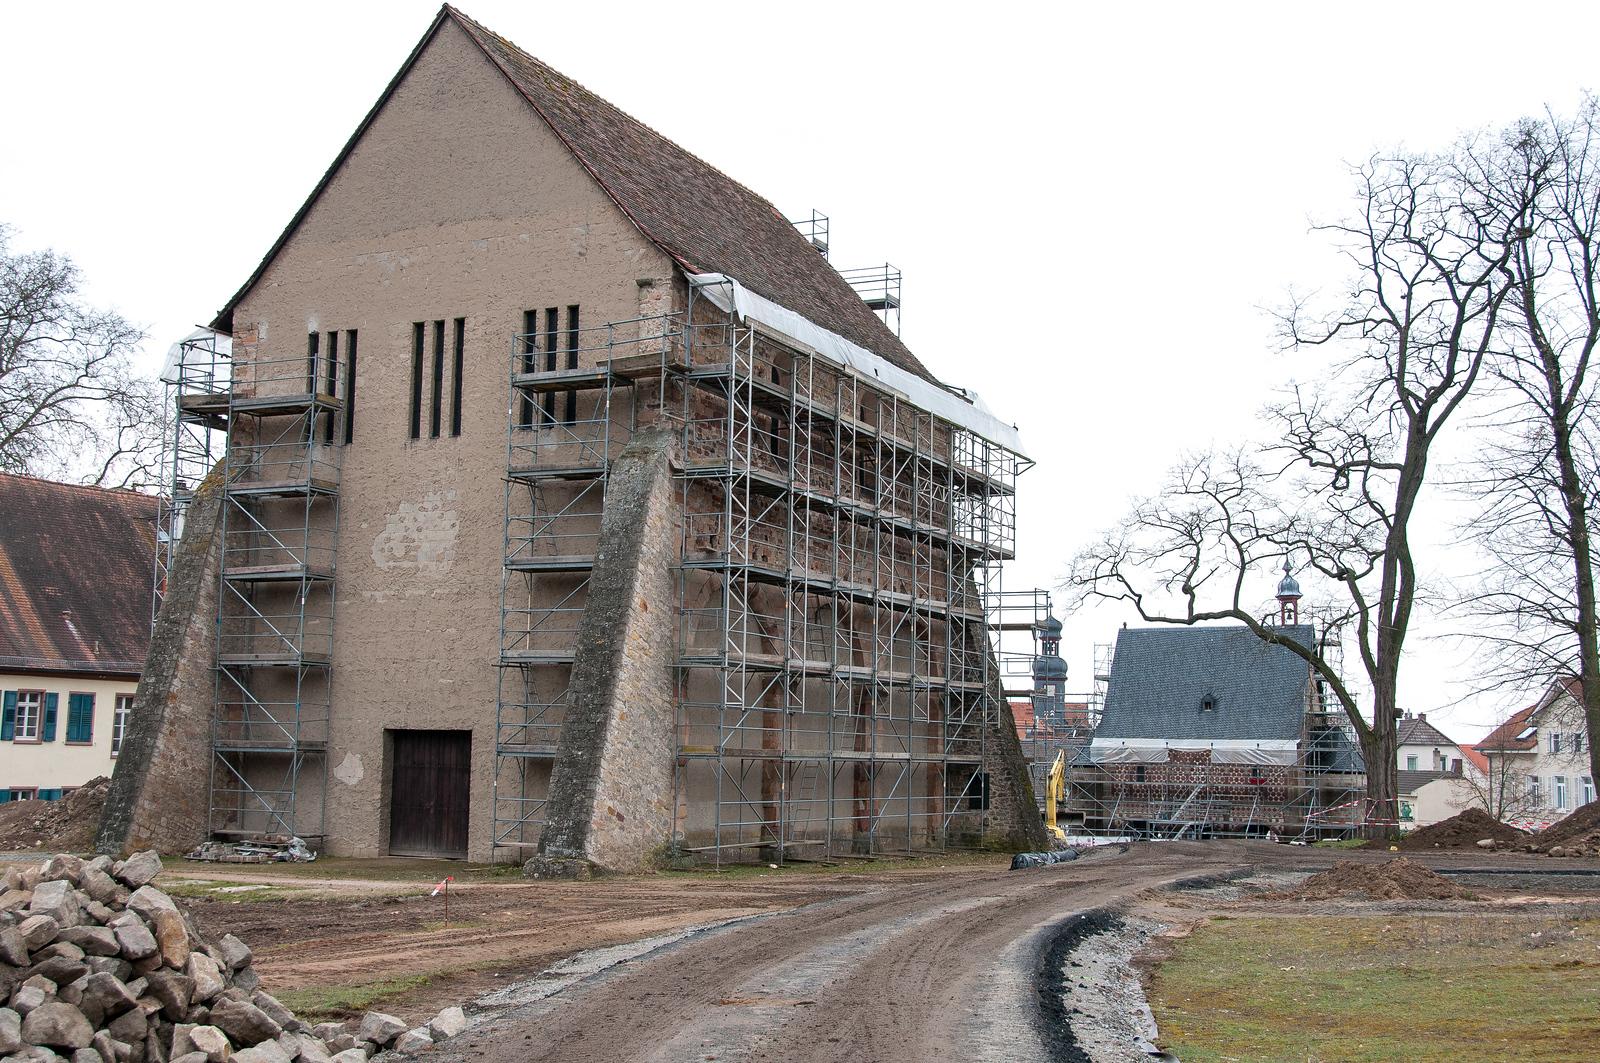 Abbey and Altenmünster of Lorsch UNESCO World Heritage Site